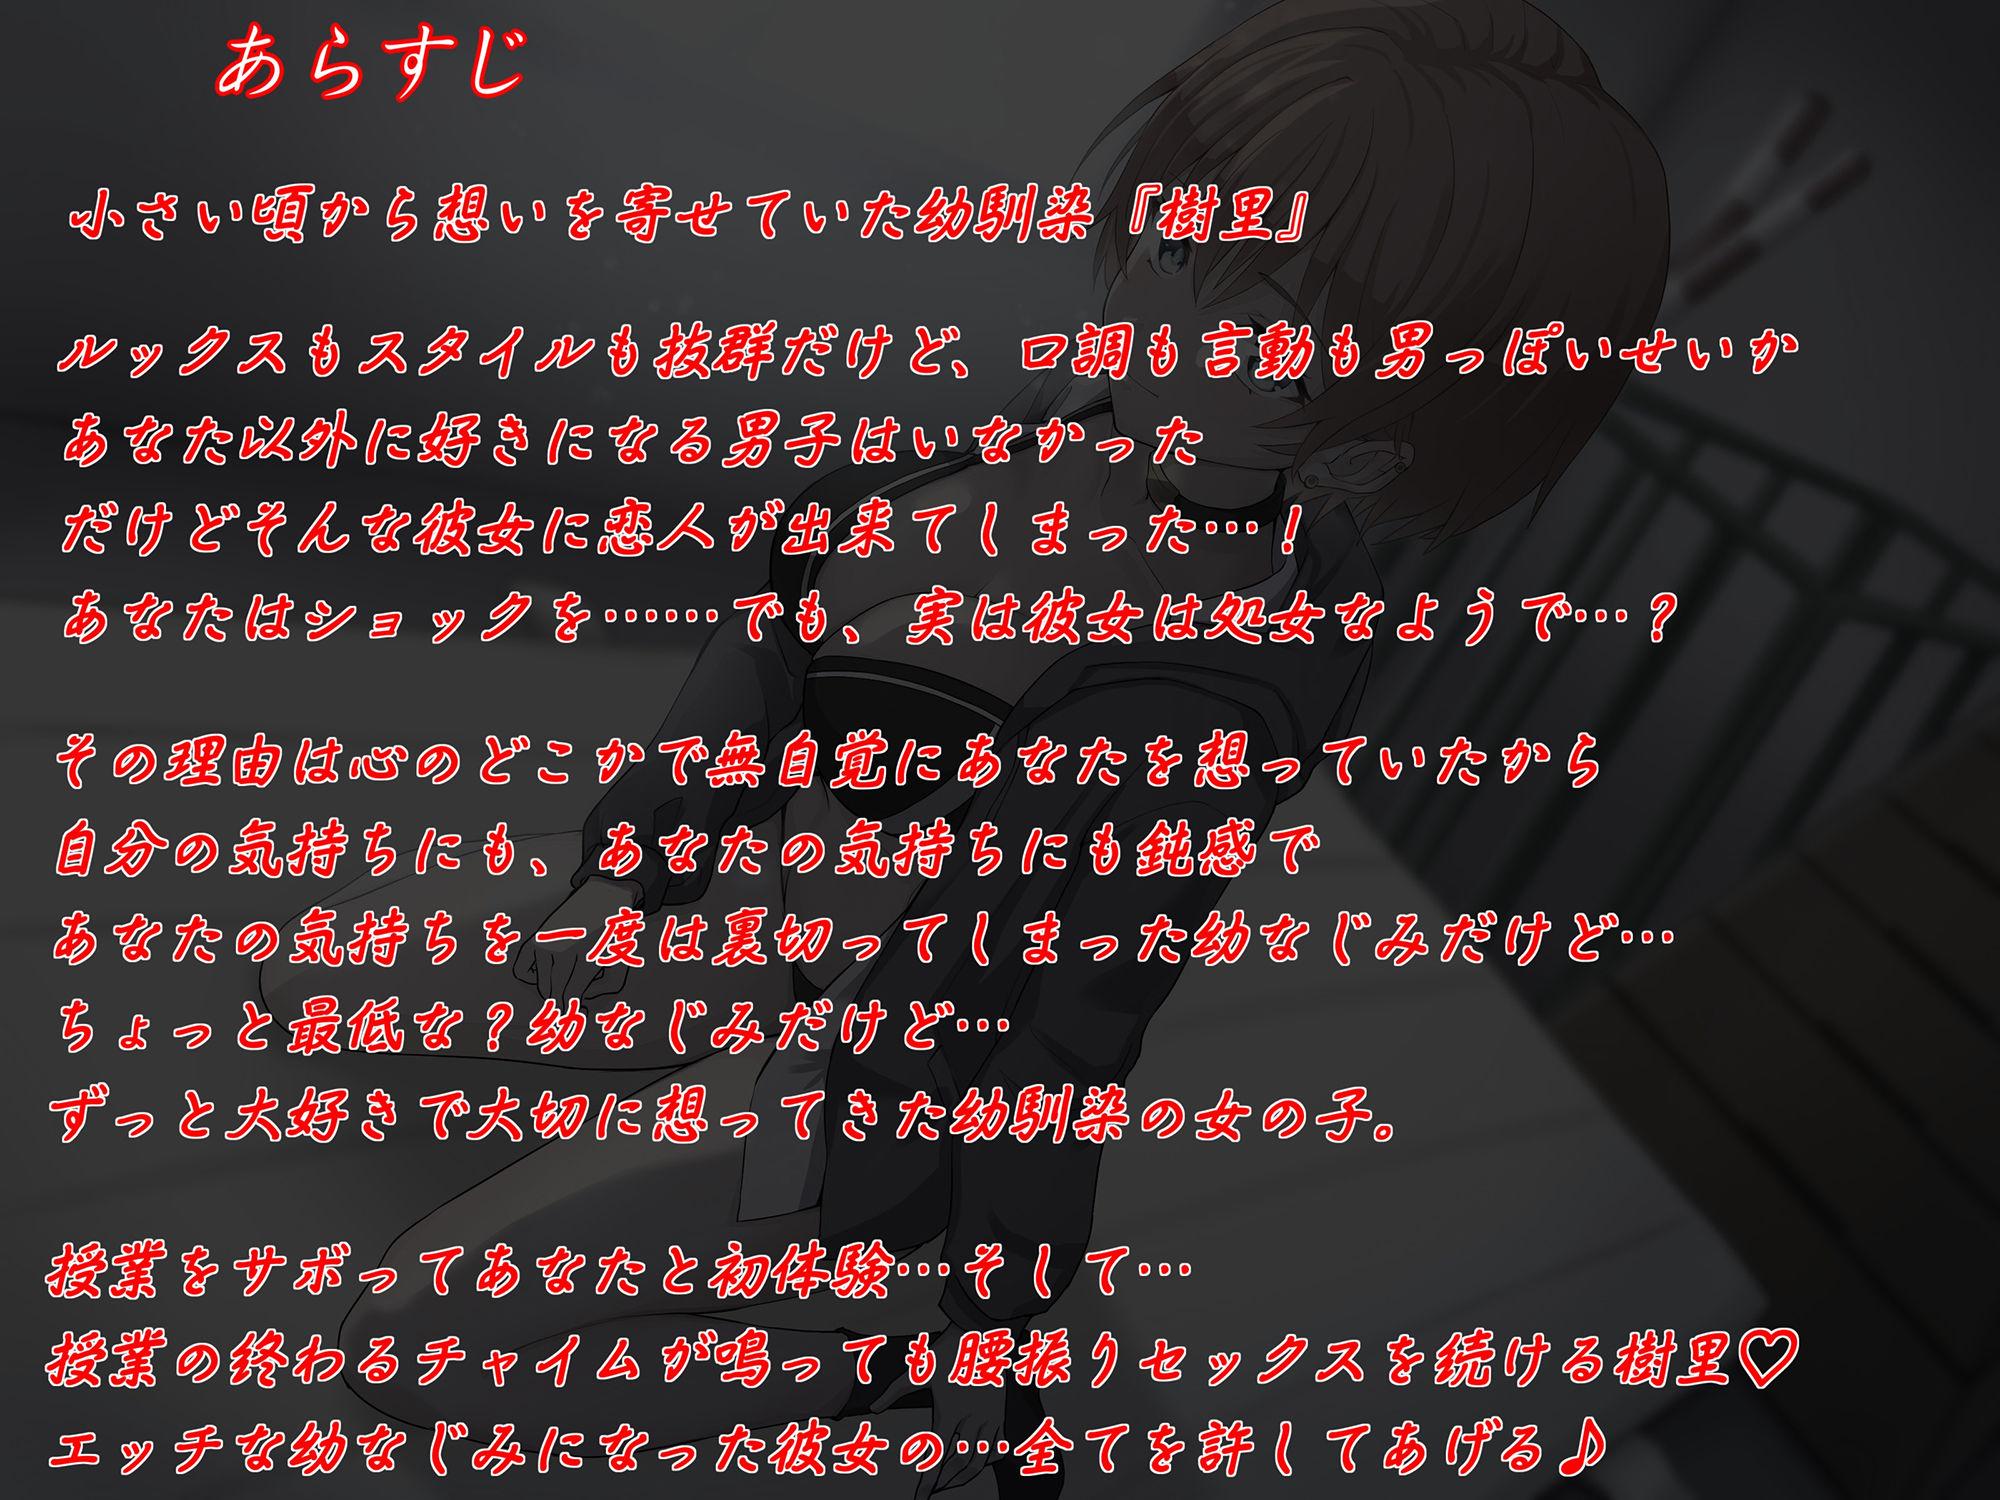 【KU100】ボーイッシュな幼馴染み(浮気で)結ばれた二人の想い〜ありのままの彼女を好きでいてくれないなら〜